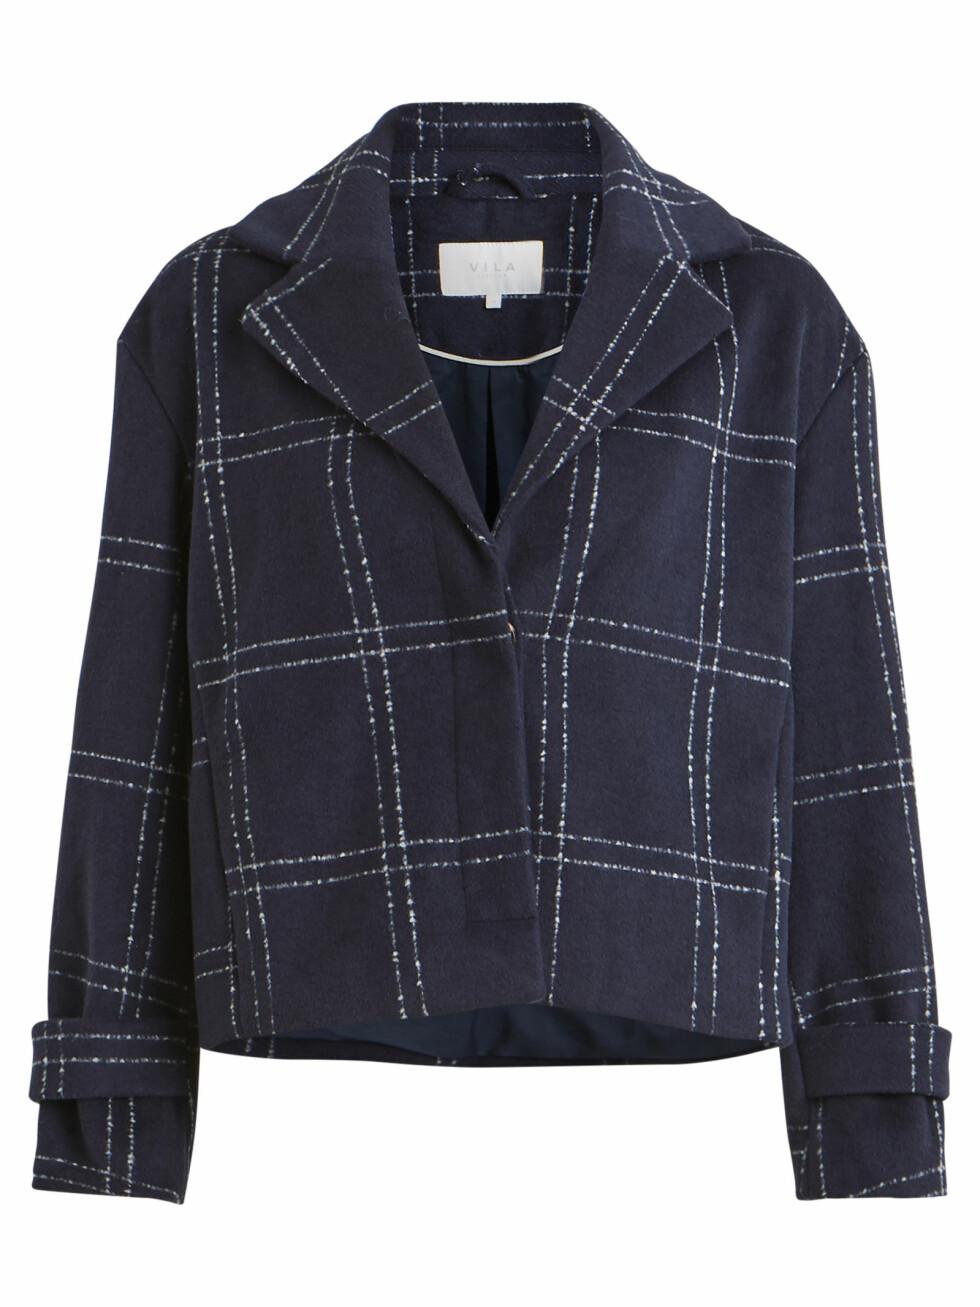 Rutete jakke (kr 750, Vila).